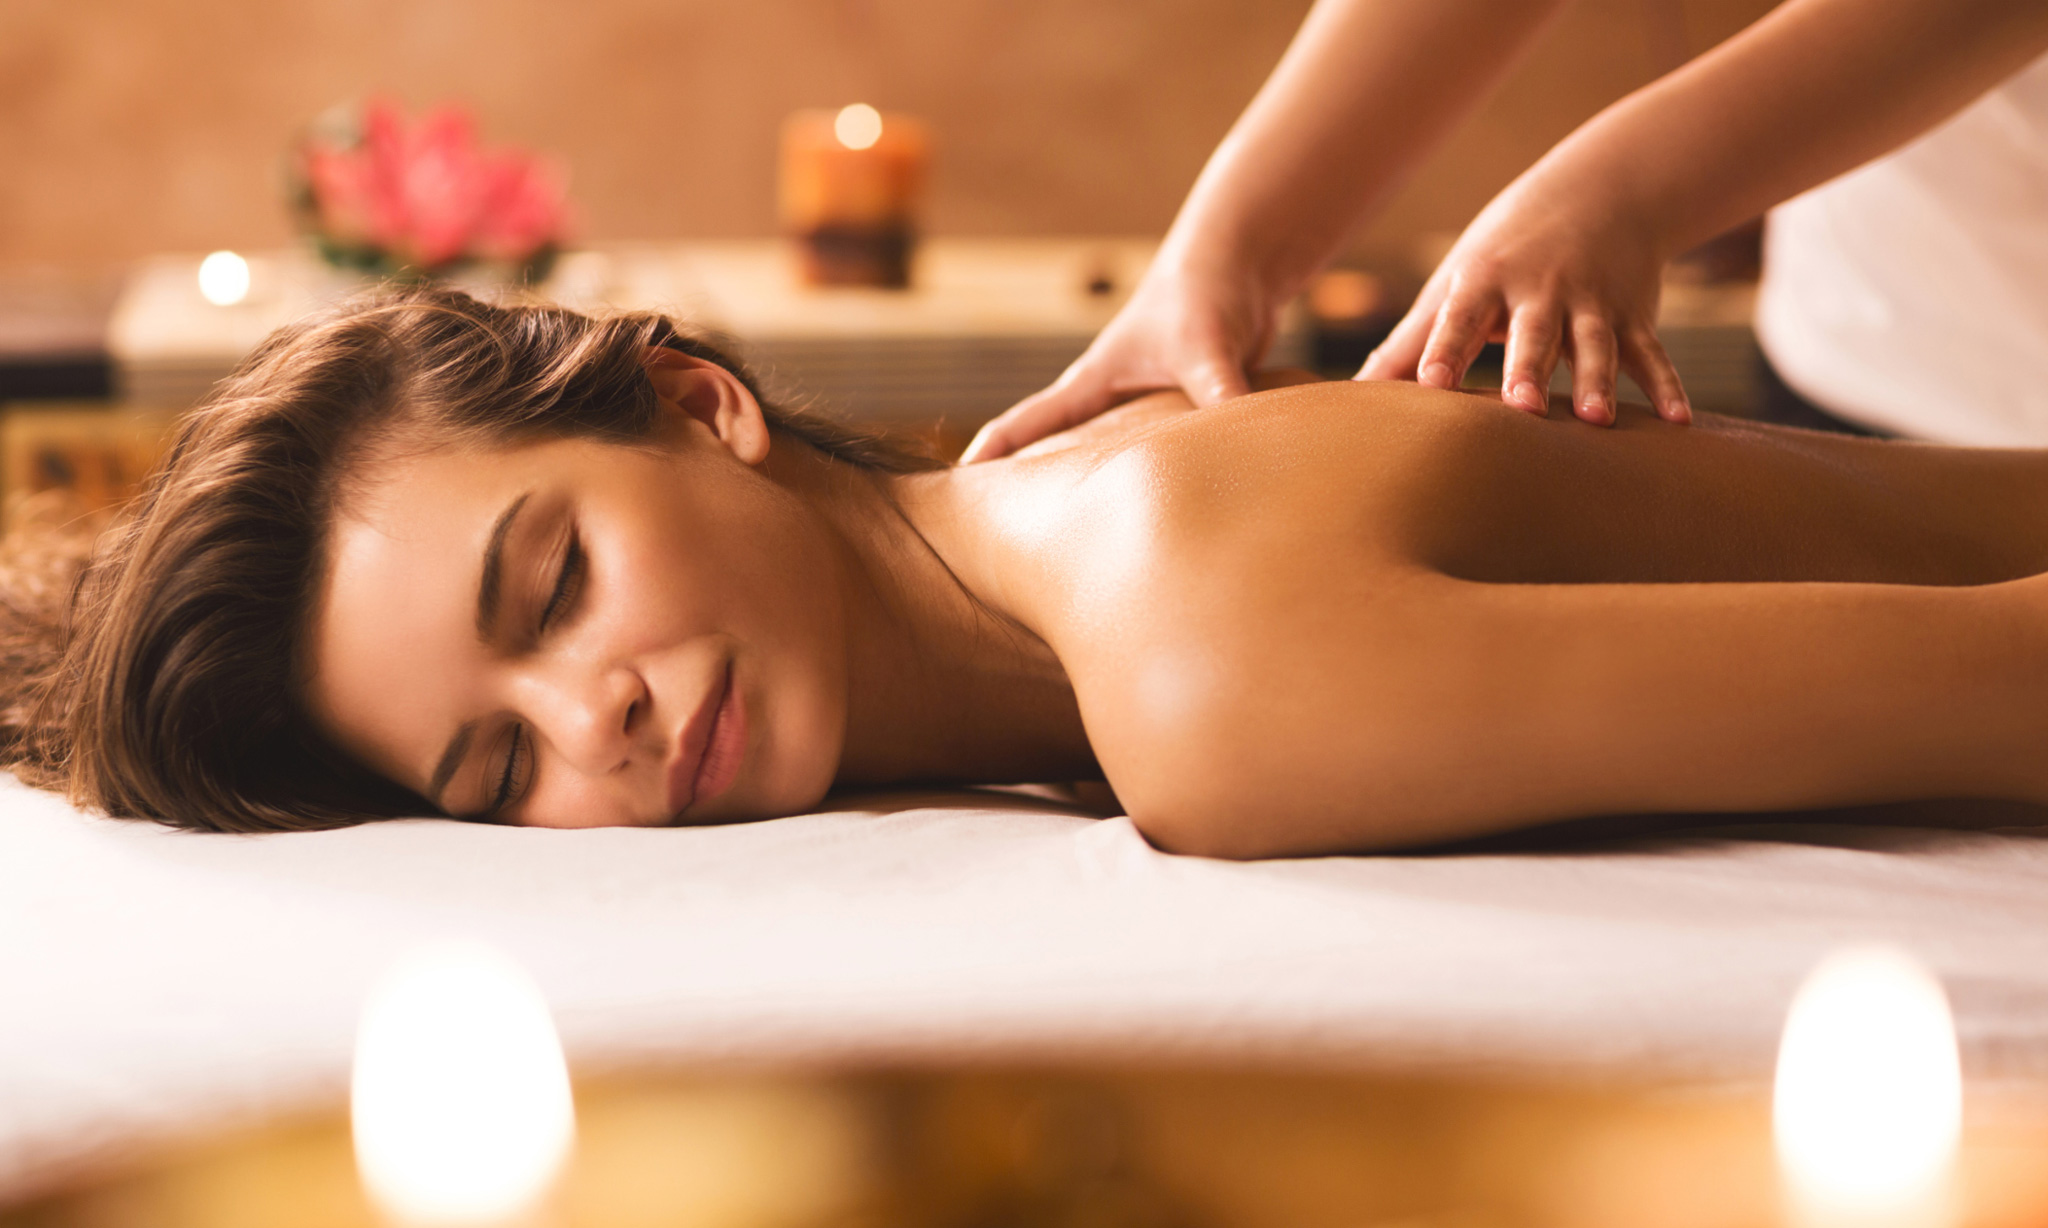 massage nordsjælland herskerinde body to body massage